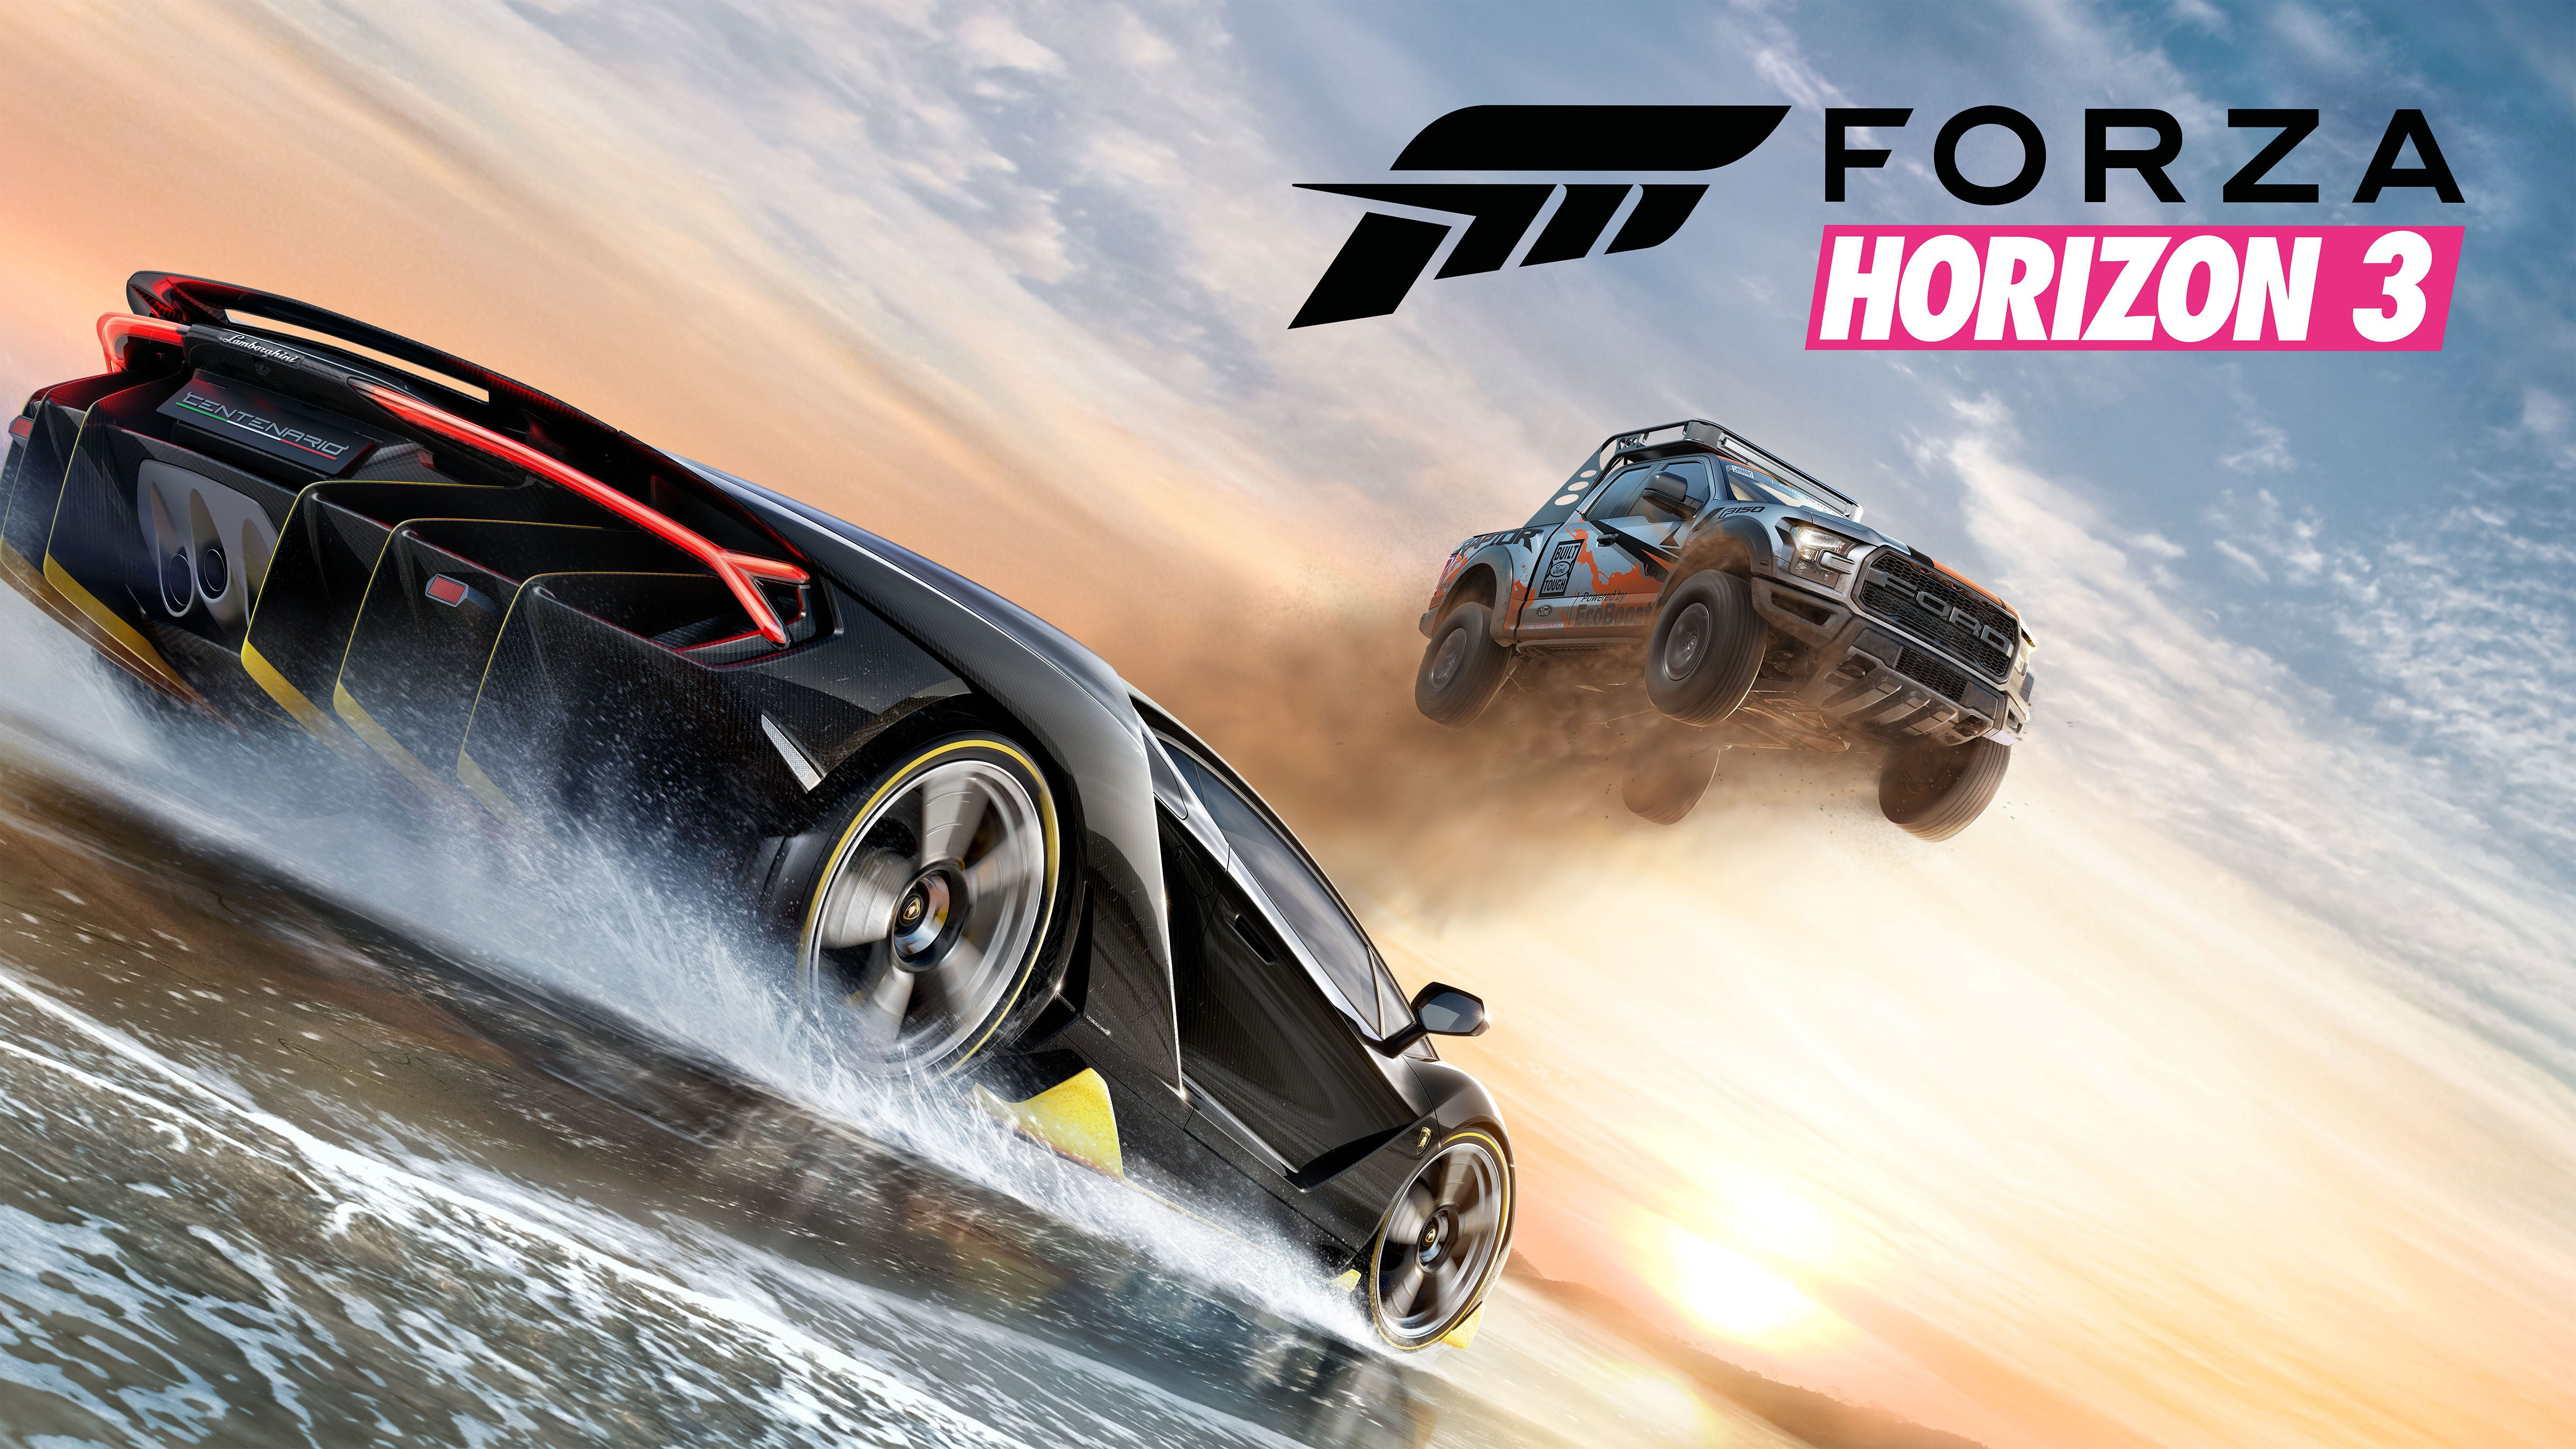 تحلیل فنی | سیستم بودجهای برای اجرای ۴K بازی Forza Horizon 3